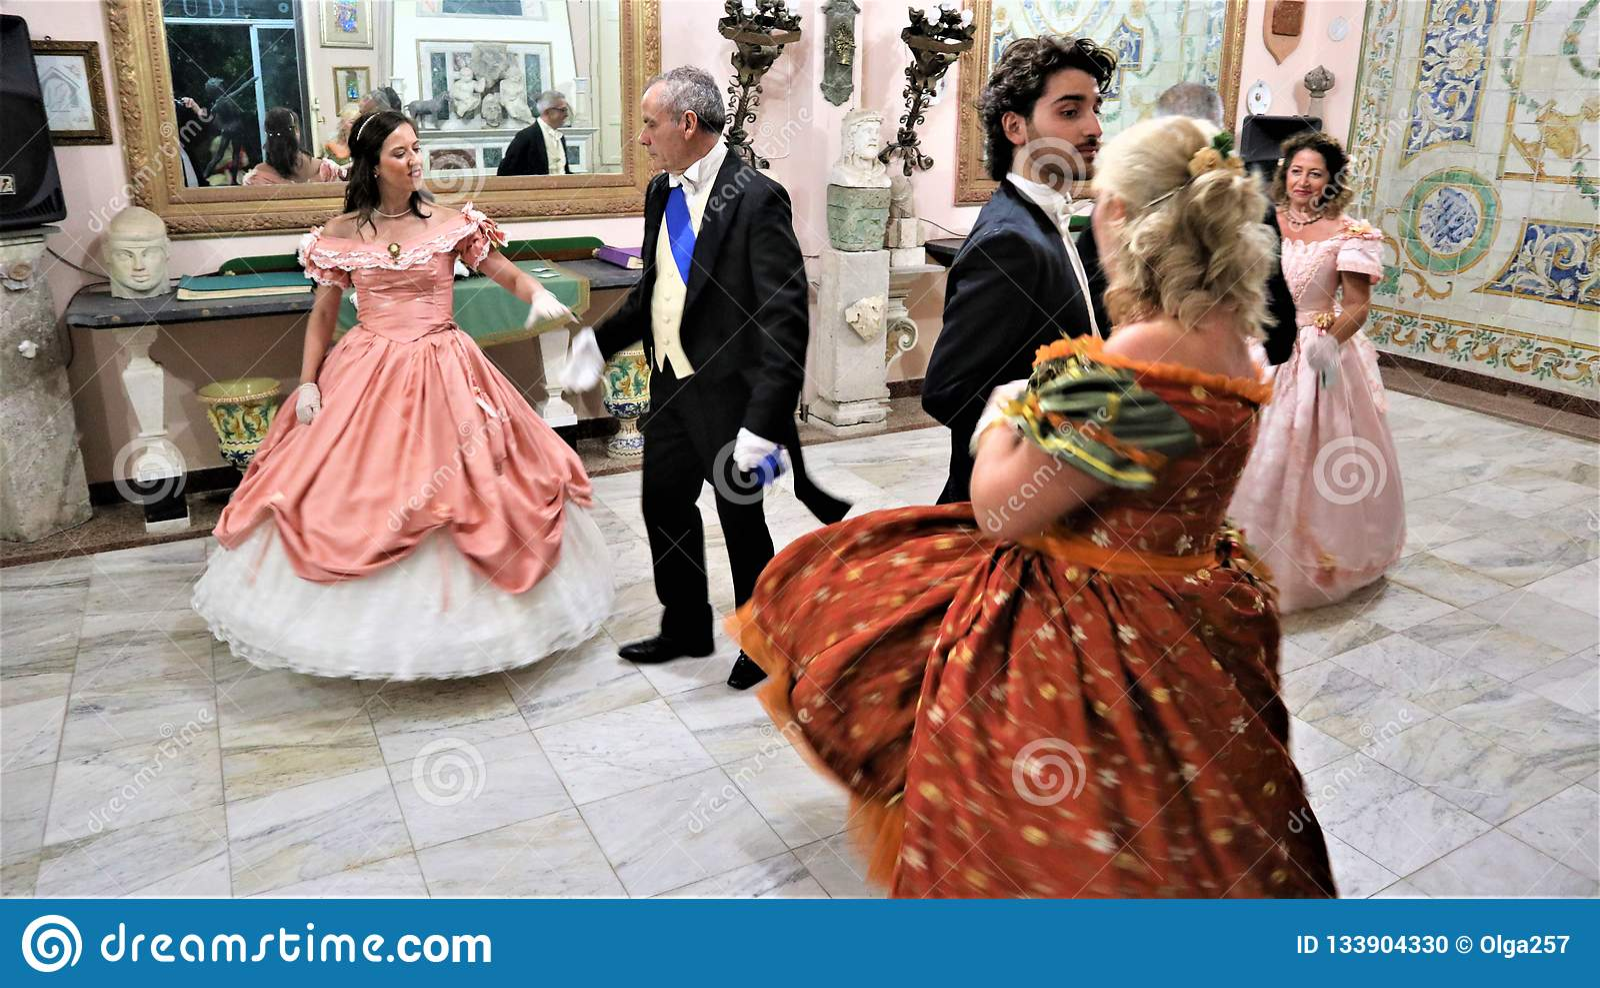 Viagrande, Catane/Italie 24 novembre 2018 : danses dans le costume du 18ème siècle